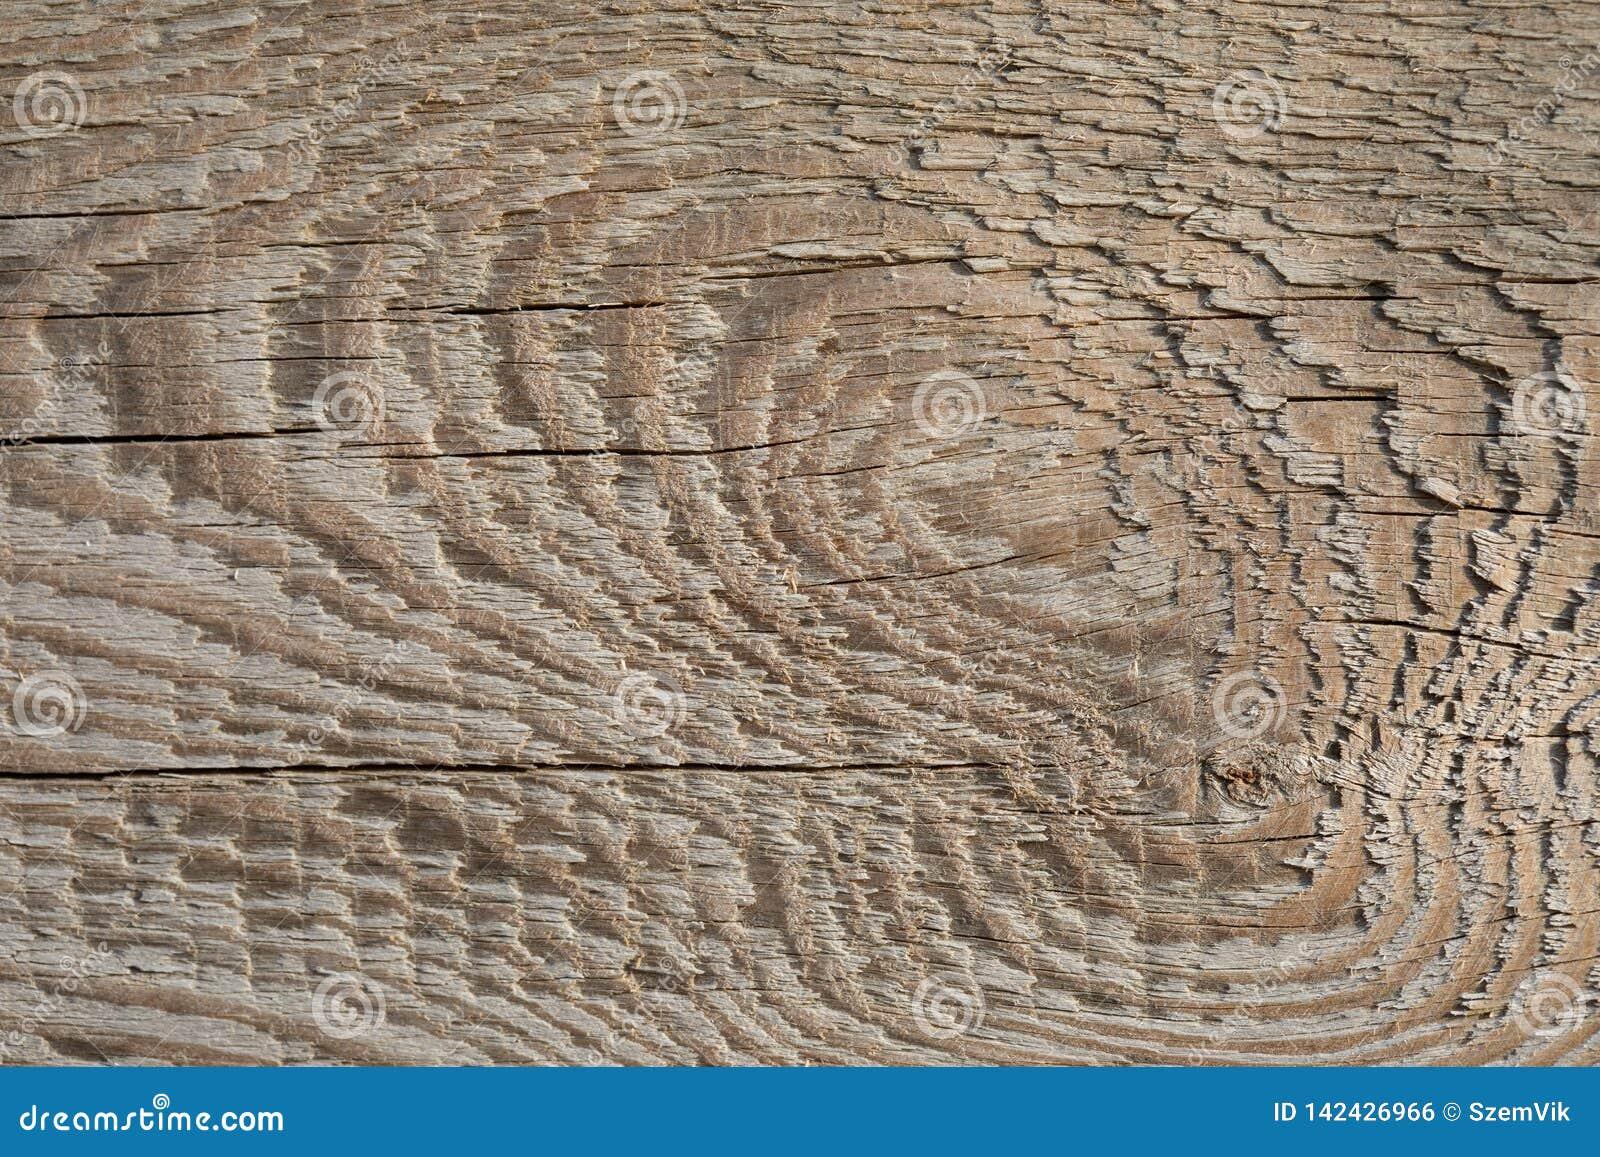 Stara Drewniana deski tekstura na Pociemniałym słońcu